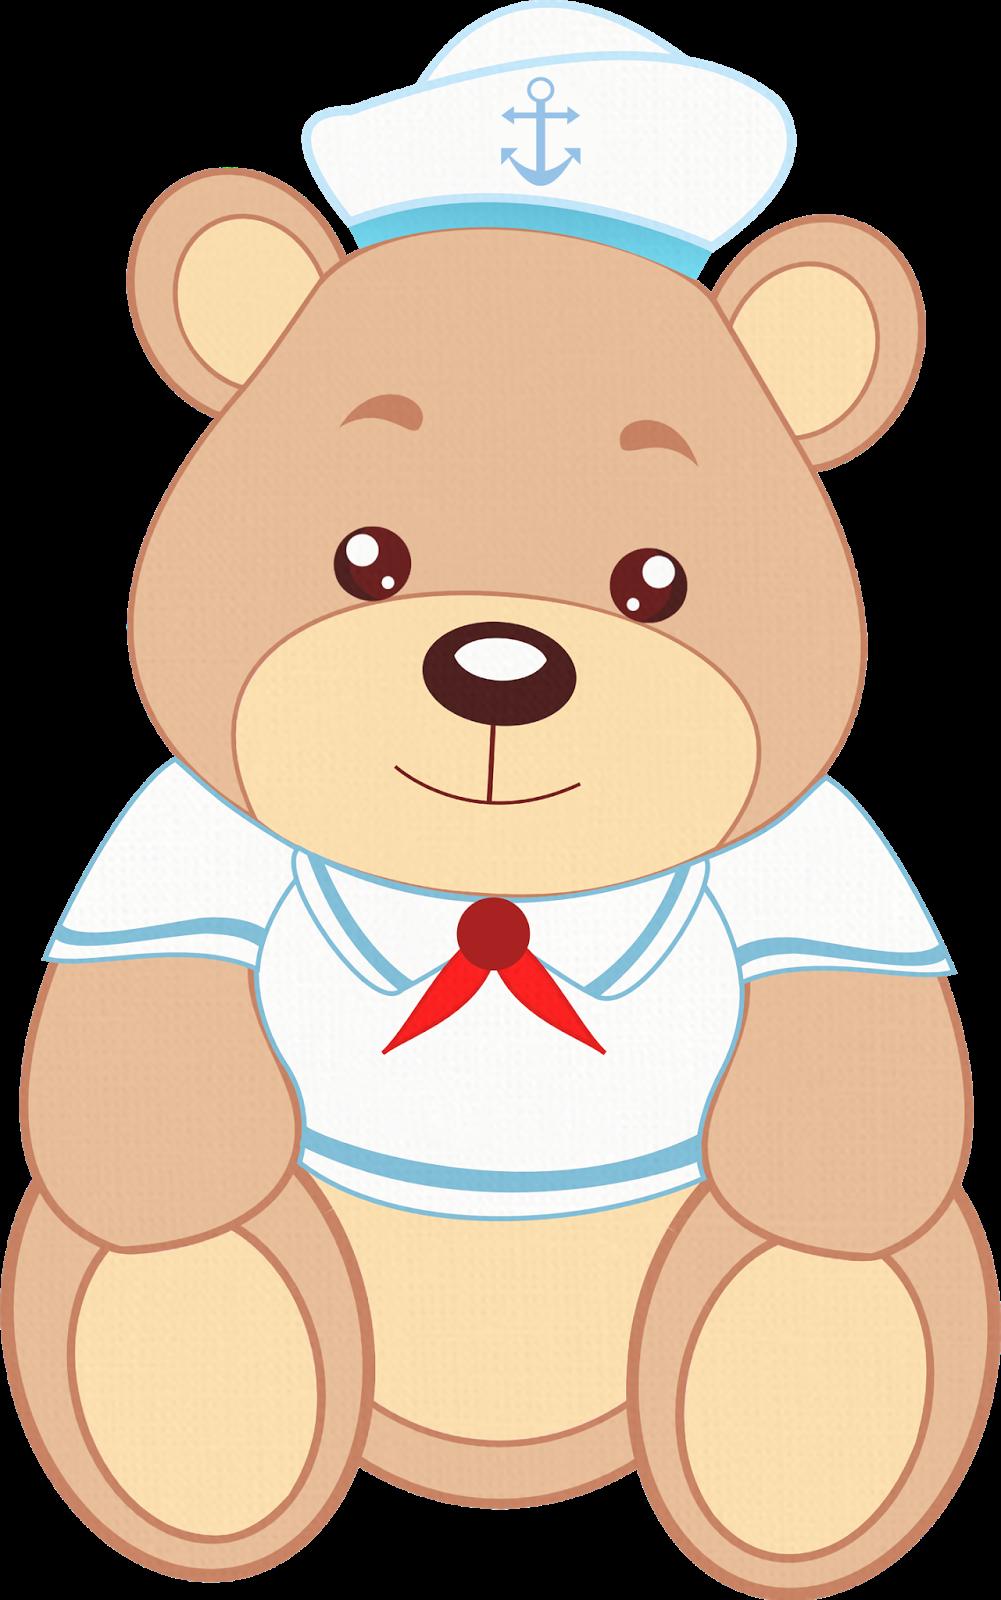 Bebe Ursinho Png ~ Montando a minha festa Imagens Urso Marinheiro Ursinhos fofos Pinterest Marinheira, Festa